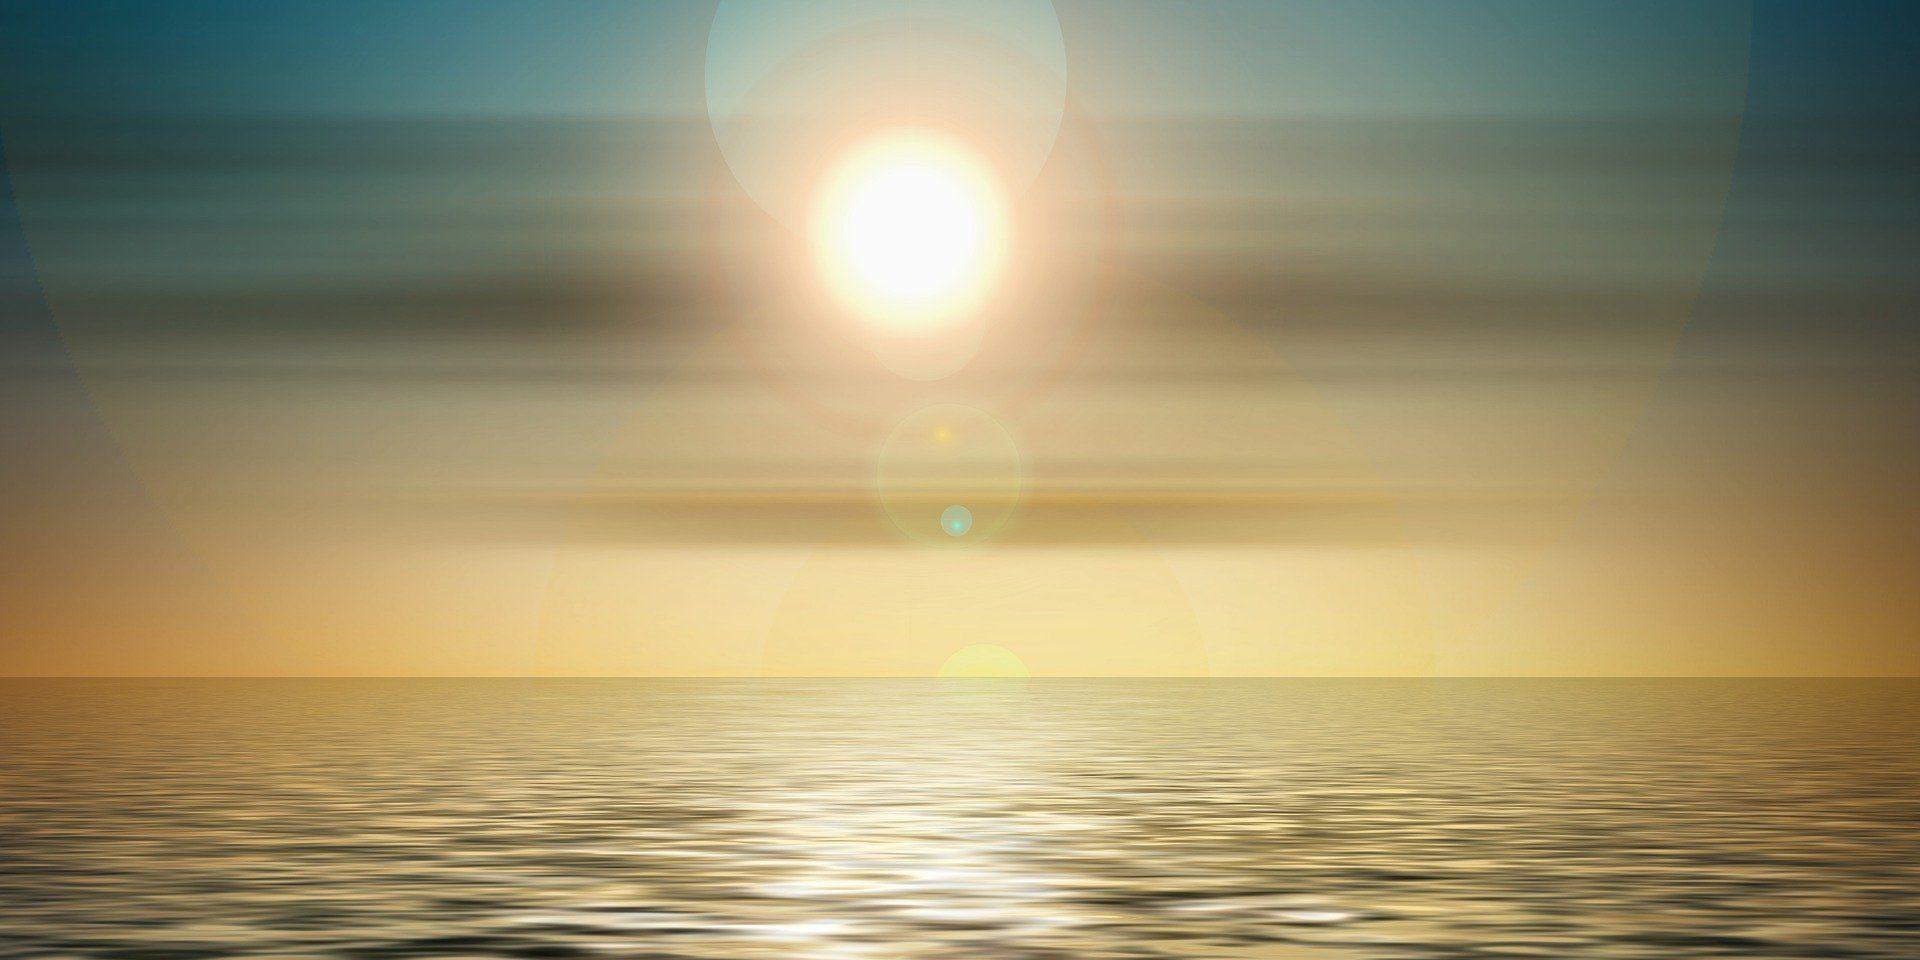 Verwurzelt im traditionellen Hatha Yoga und inspiriert von weiteren Yogarichtungen biete ich für Kinder und Erwachsene abwechslungsreiche Yogastunden, deren Schwerpunkt auf der Verbindung von bewusster Bewegung und Atmung und achtsamer Wahrnehmung liegt. Klangmassagen, Klangreisen und Pranabehandlungen ermöglichen tiefe Entspannung, körperliche Erholung und eine veränderte Selbstwahrnehmung. Ich glaube, dass wir einen Funken (...) ewigen Lichts in uns tragen (...). Diesen Funken in uns zur Flamme werden zu lassen und das Göttliche in uns zu verwirklichen, ist unsere höchste Pflicht. Johann Wolfgang von Goethe Namasté